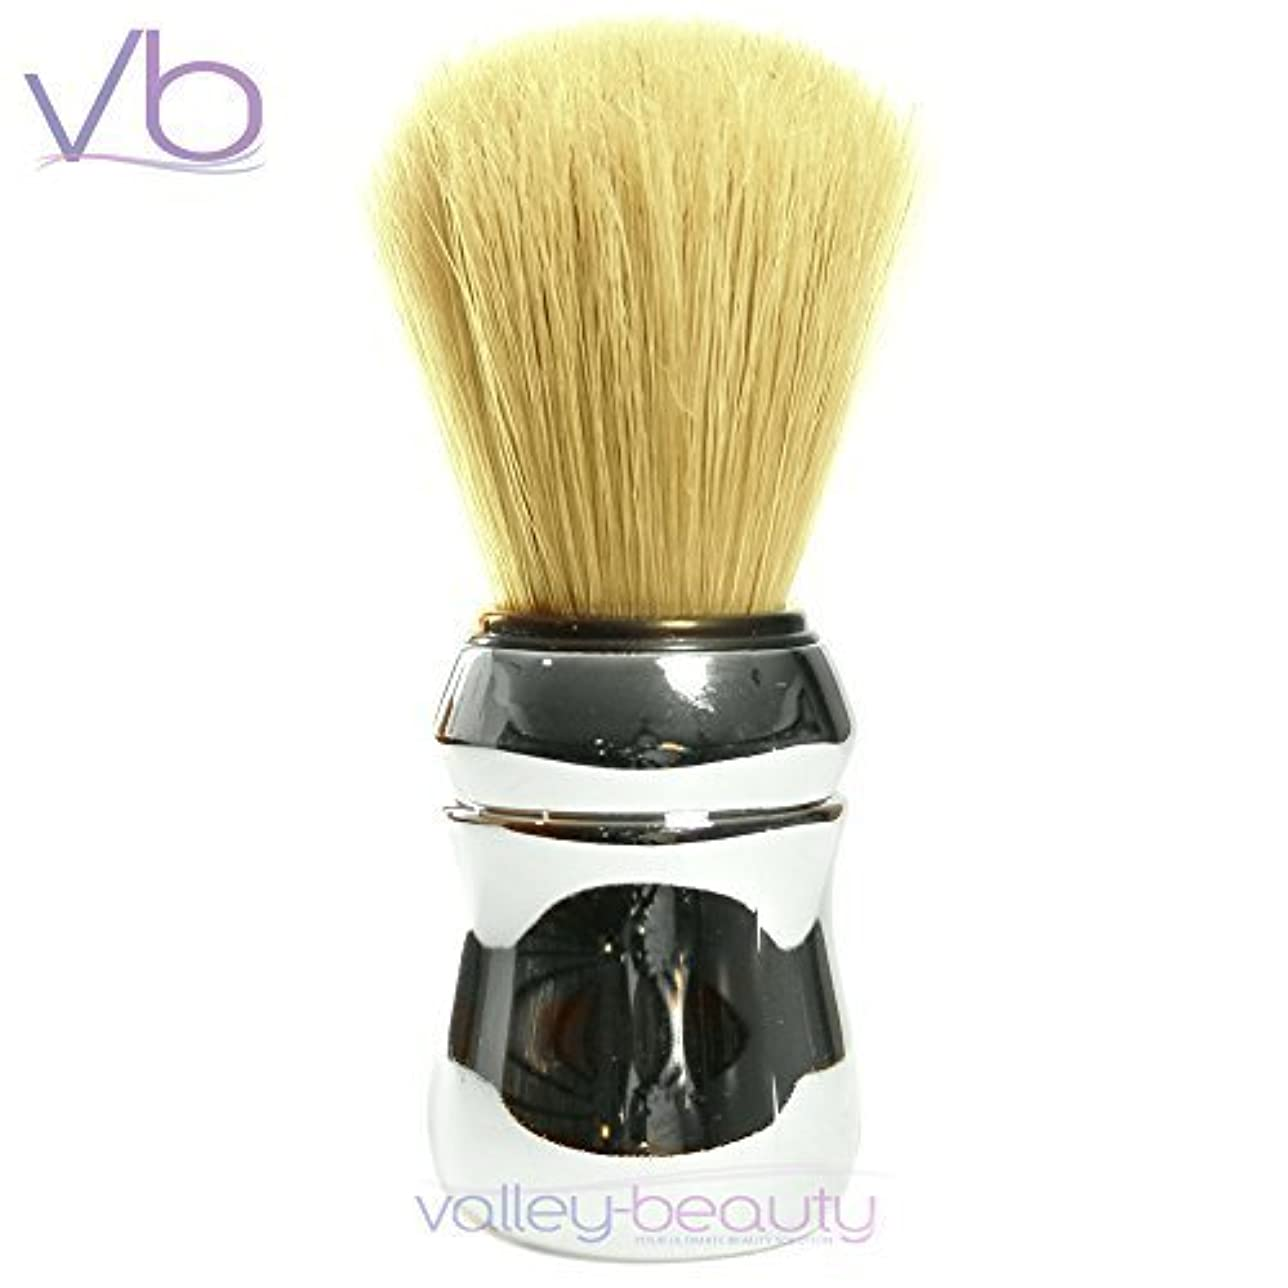 ベッツィトロットウッドシェル物理Proraso Boar Hair Shaving Brush by Proraso [並行輸入品]